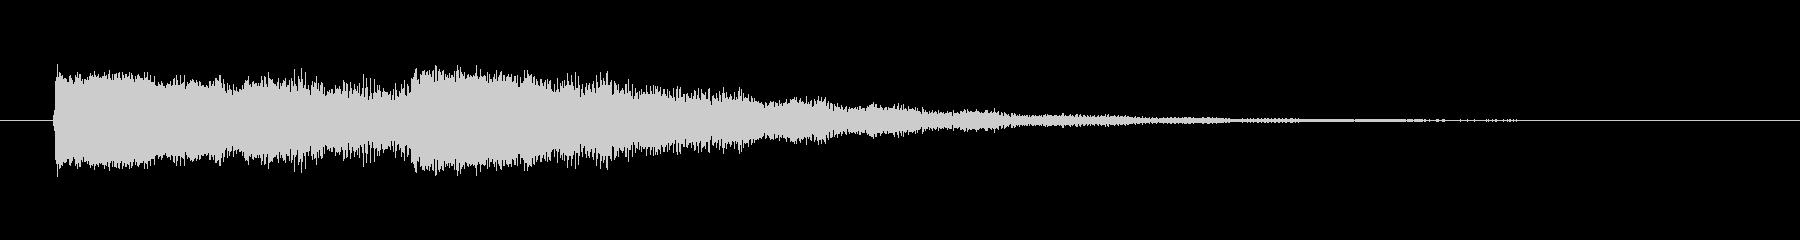 【起動音的な2】の未再生の波形